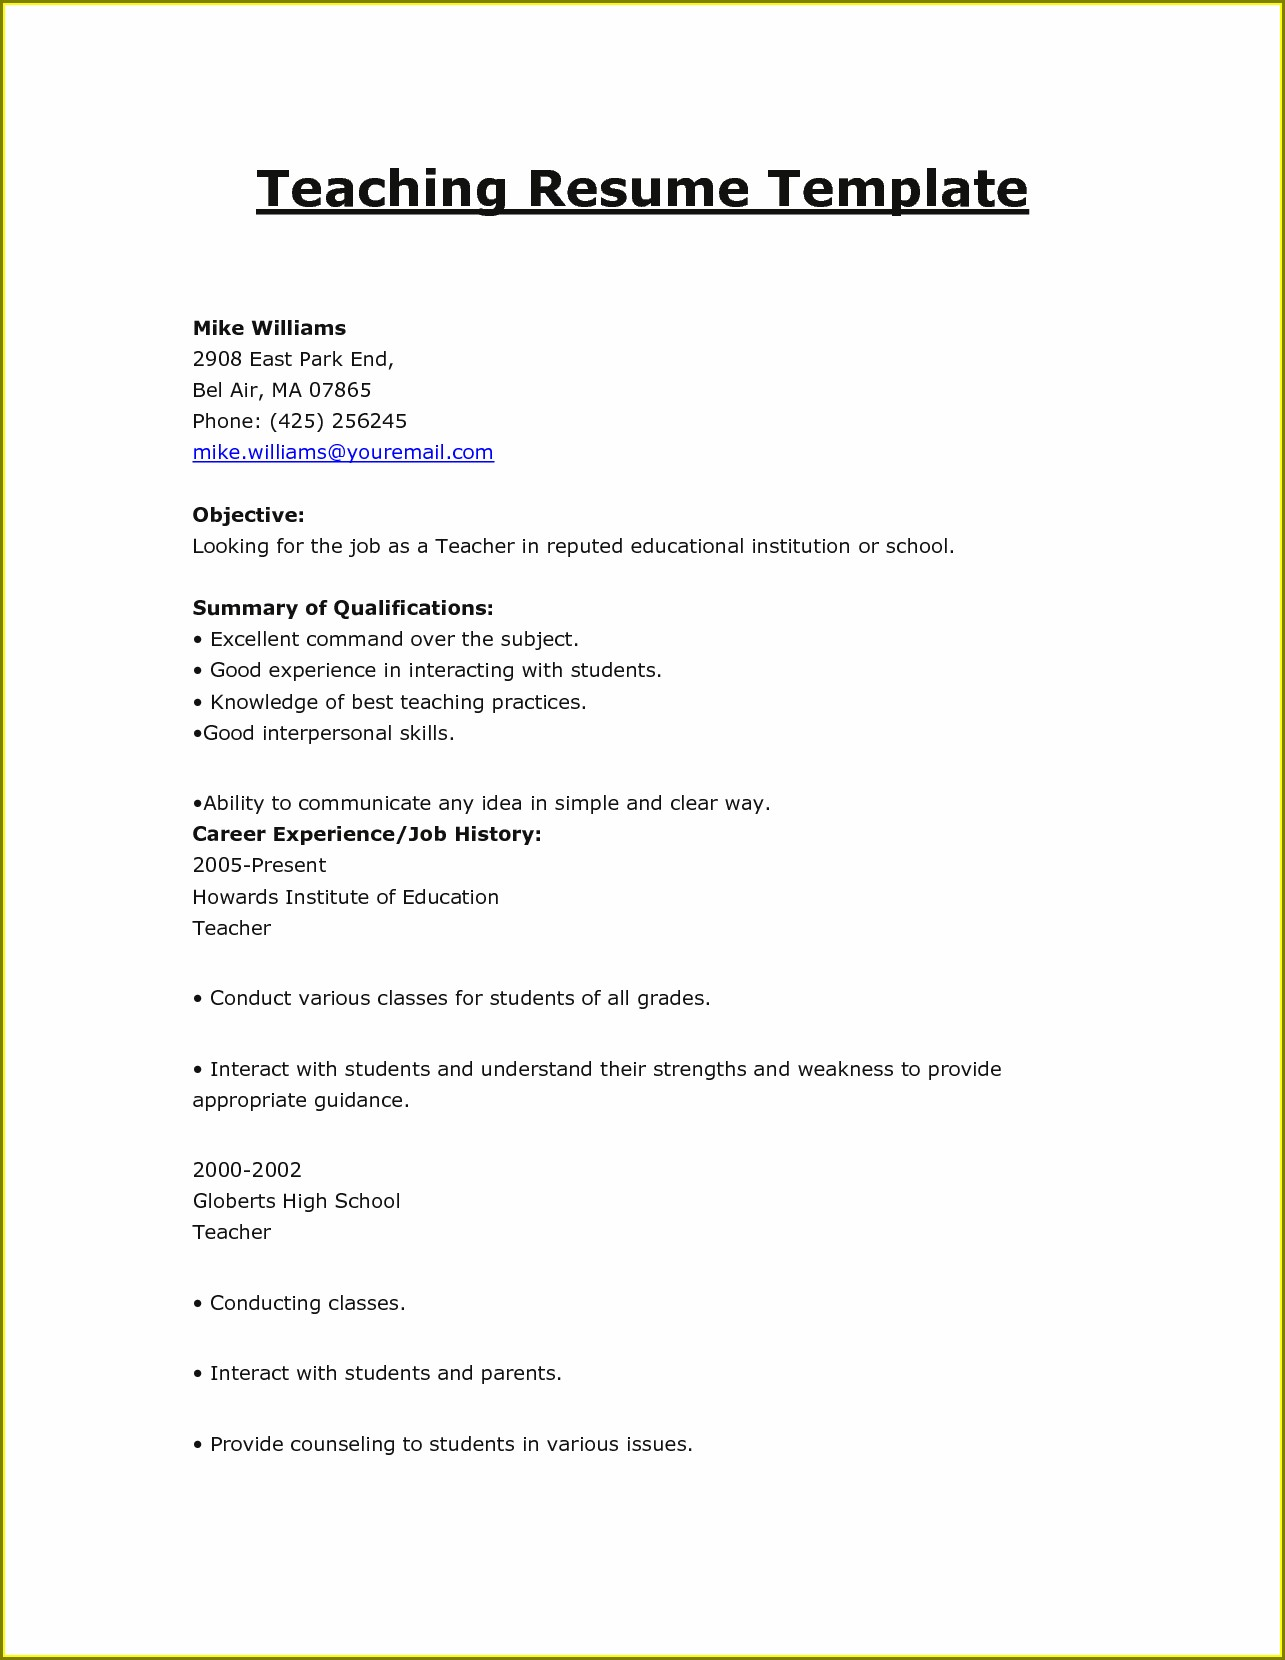 Resume Format For Teaching Job Pdf Download